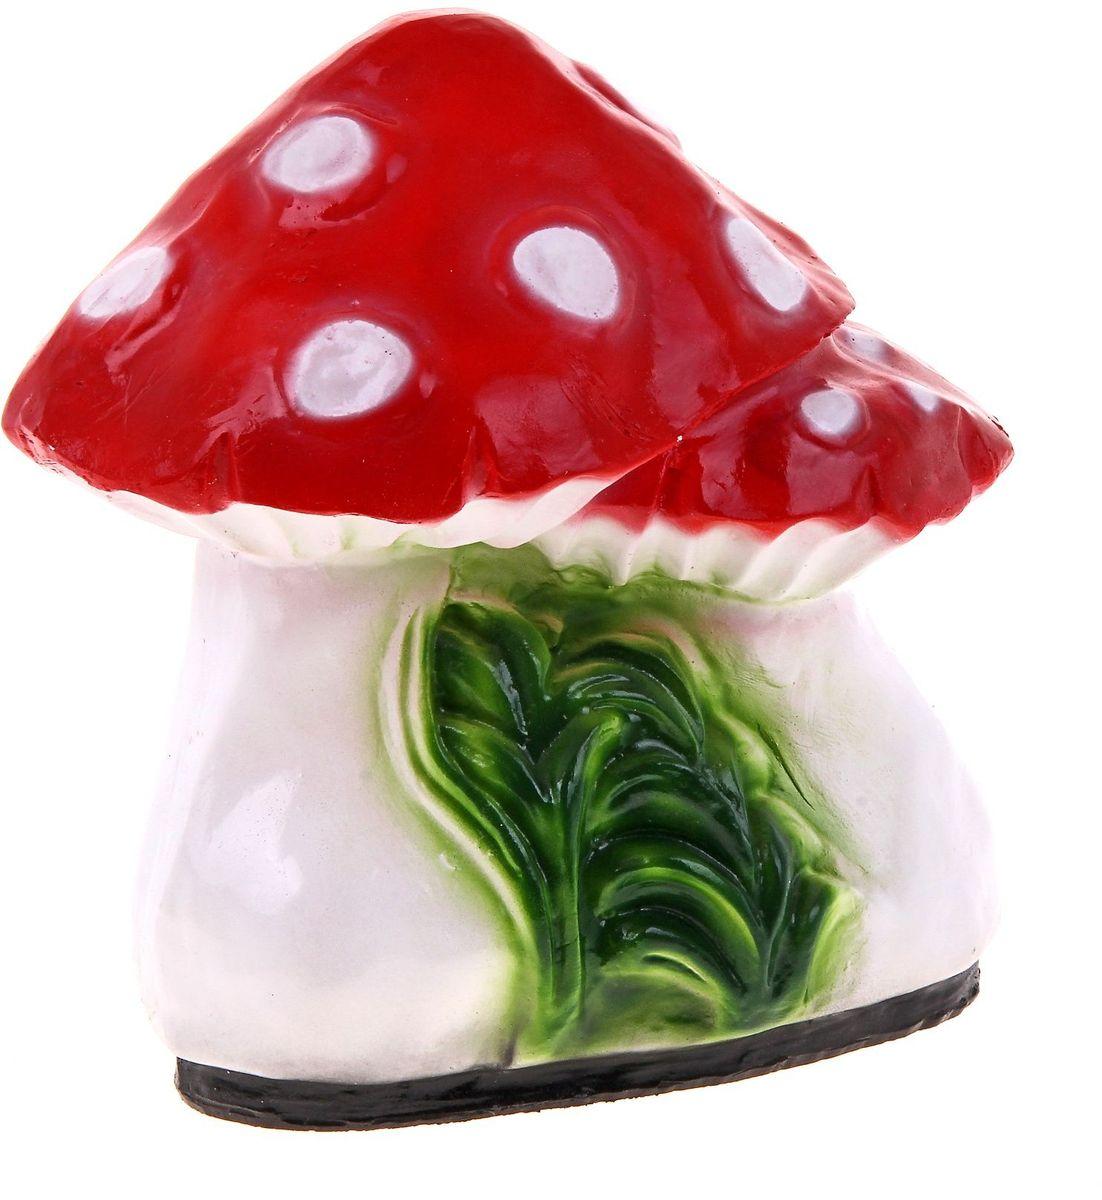 Фигура садовая Два мухомора, цвет: белый, 30 х 22 х 28 см628349Очаровательные фигурки грибов украсят сад. Расположите грибочек под деревом или в траве и приятно удивите прогуливающихся в саду гостей. Симпатичная фигурка станет прекрасным подарком заядлому садоводу. Такой декор будет гармонично смотреться в огородах и на участках с обилием зелени. Дополните пространство сада интересной деталью.